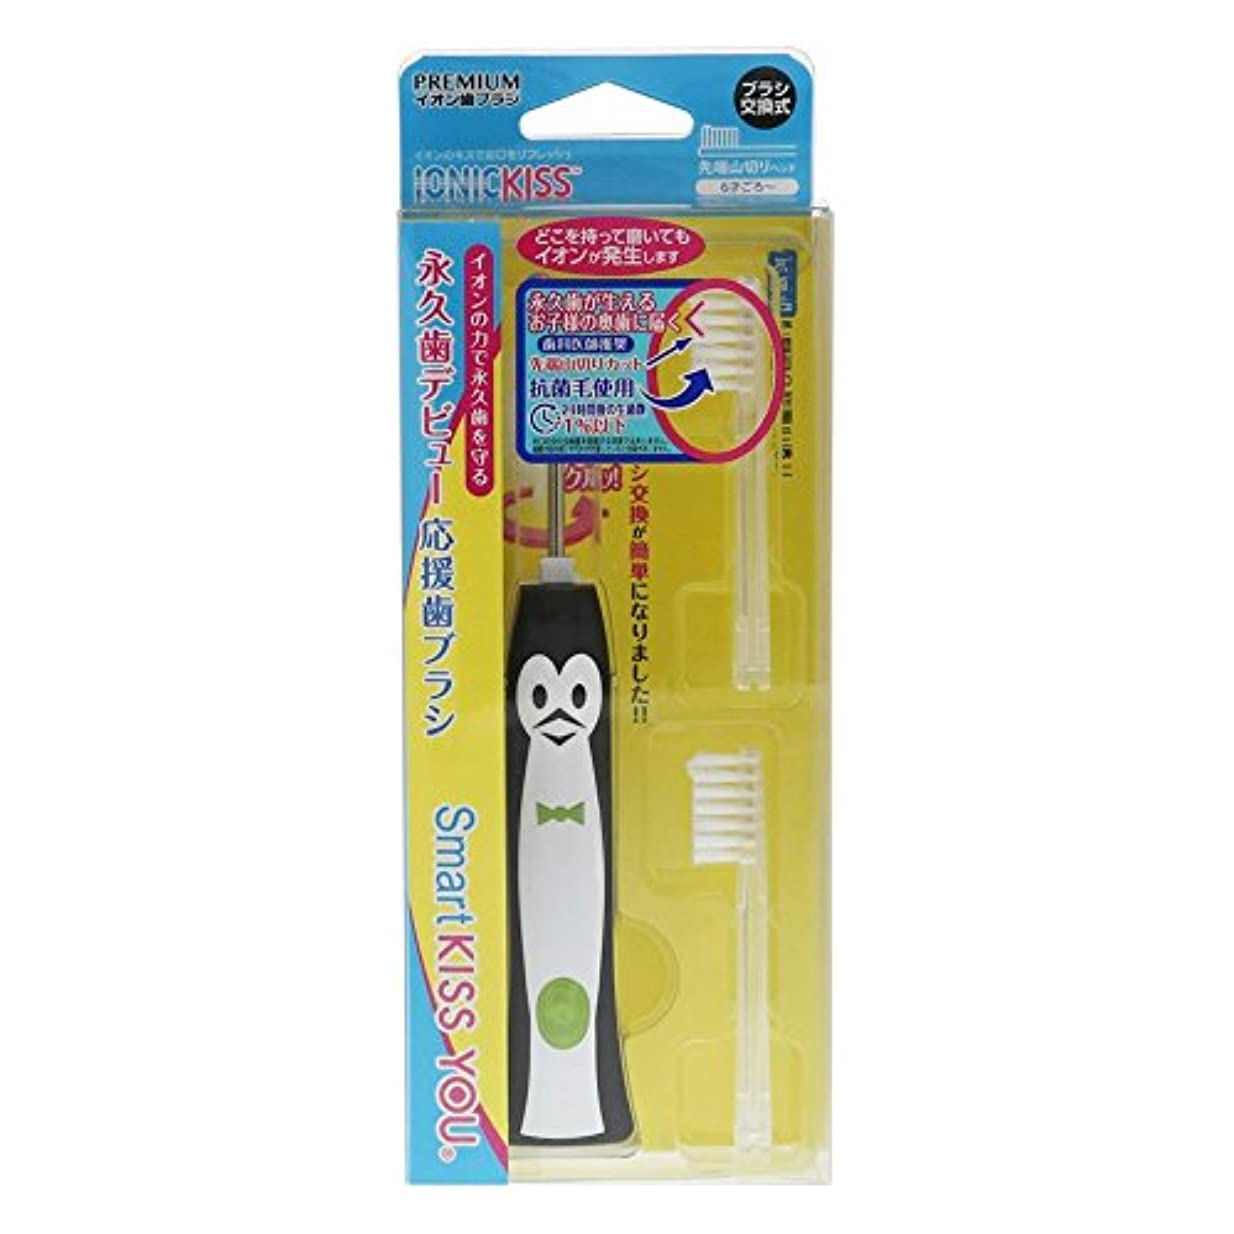 スマート キスユー 子供歯ブラシ 本体セット (1セット)